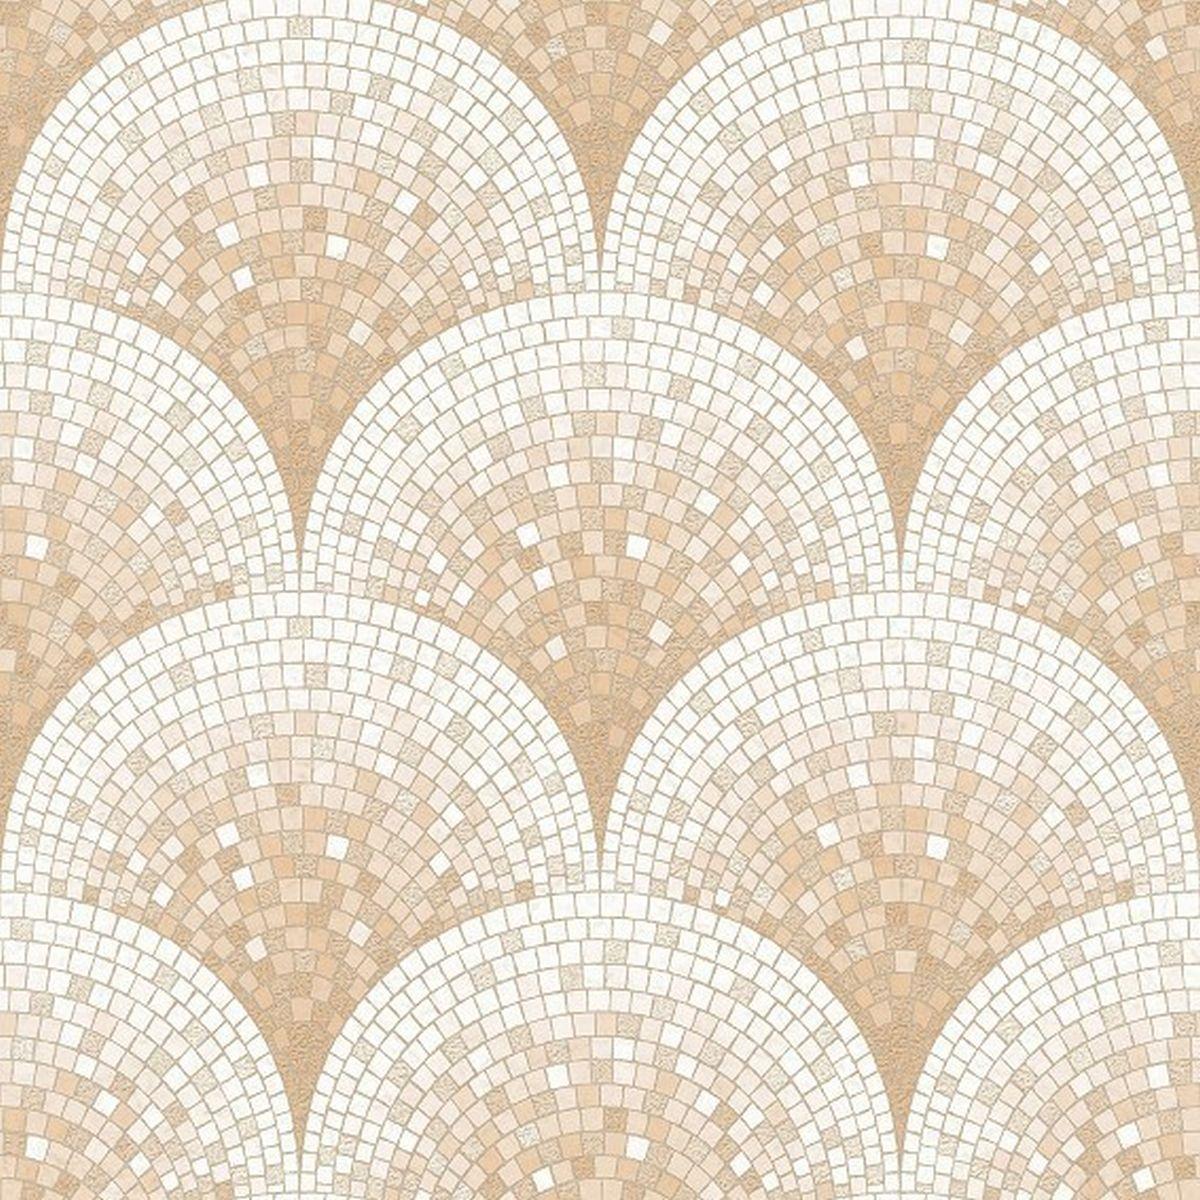 DesignID Vliestapete Erstklassige Wandbekleidung BA220043 Braun Steintapete